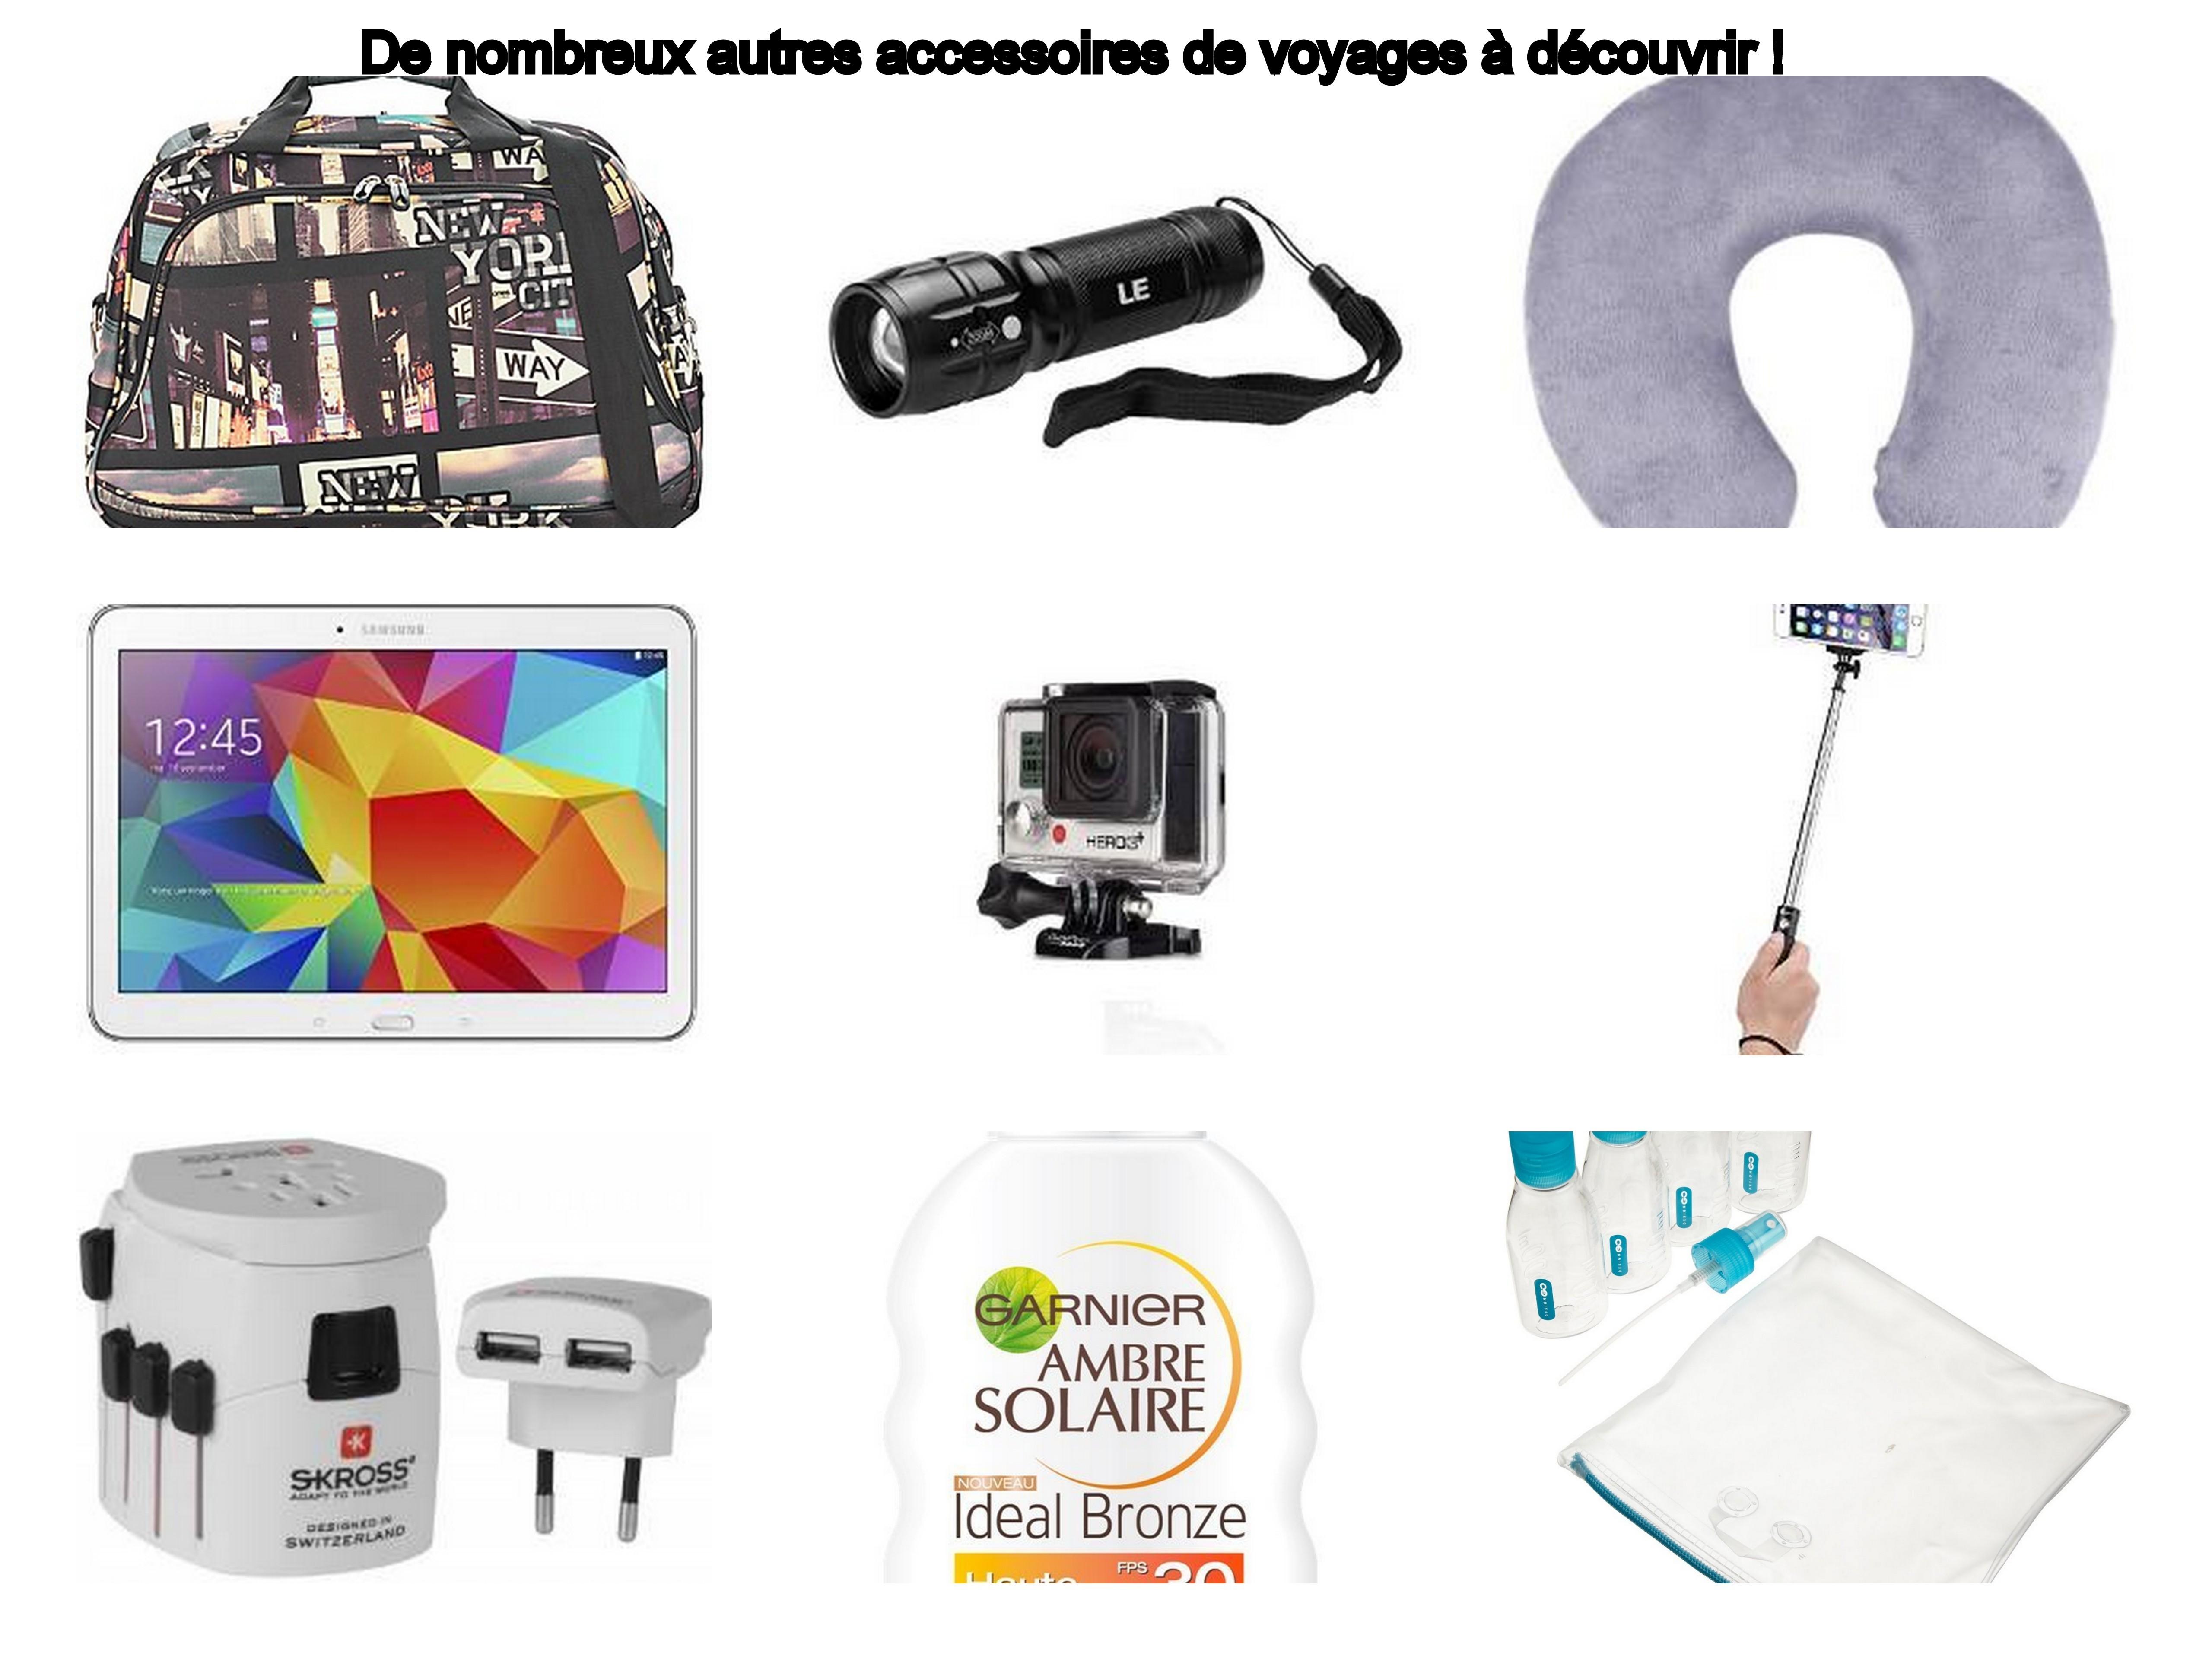 Les accessoires de voyage (divers et high-tech) à mettre dans sa valise